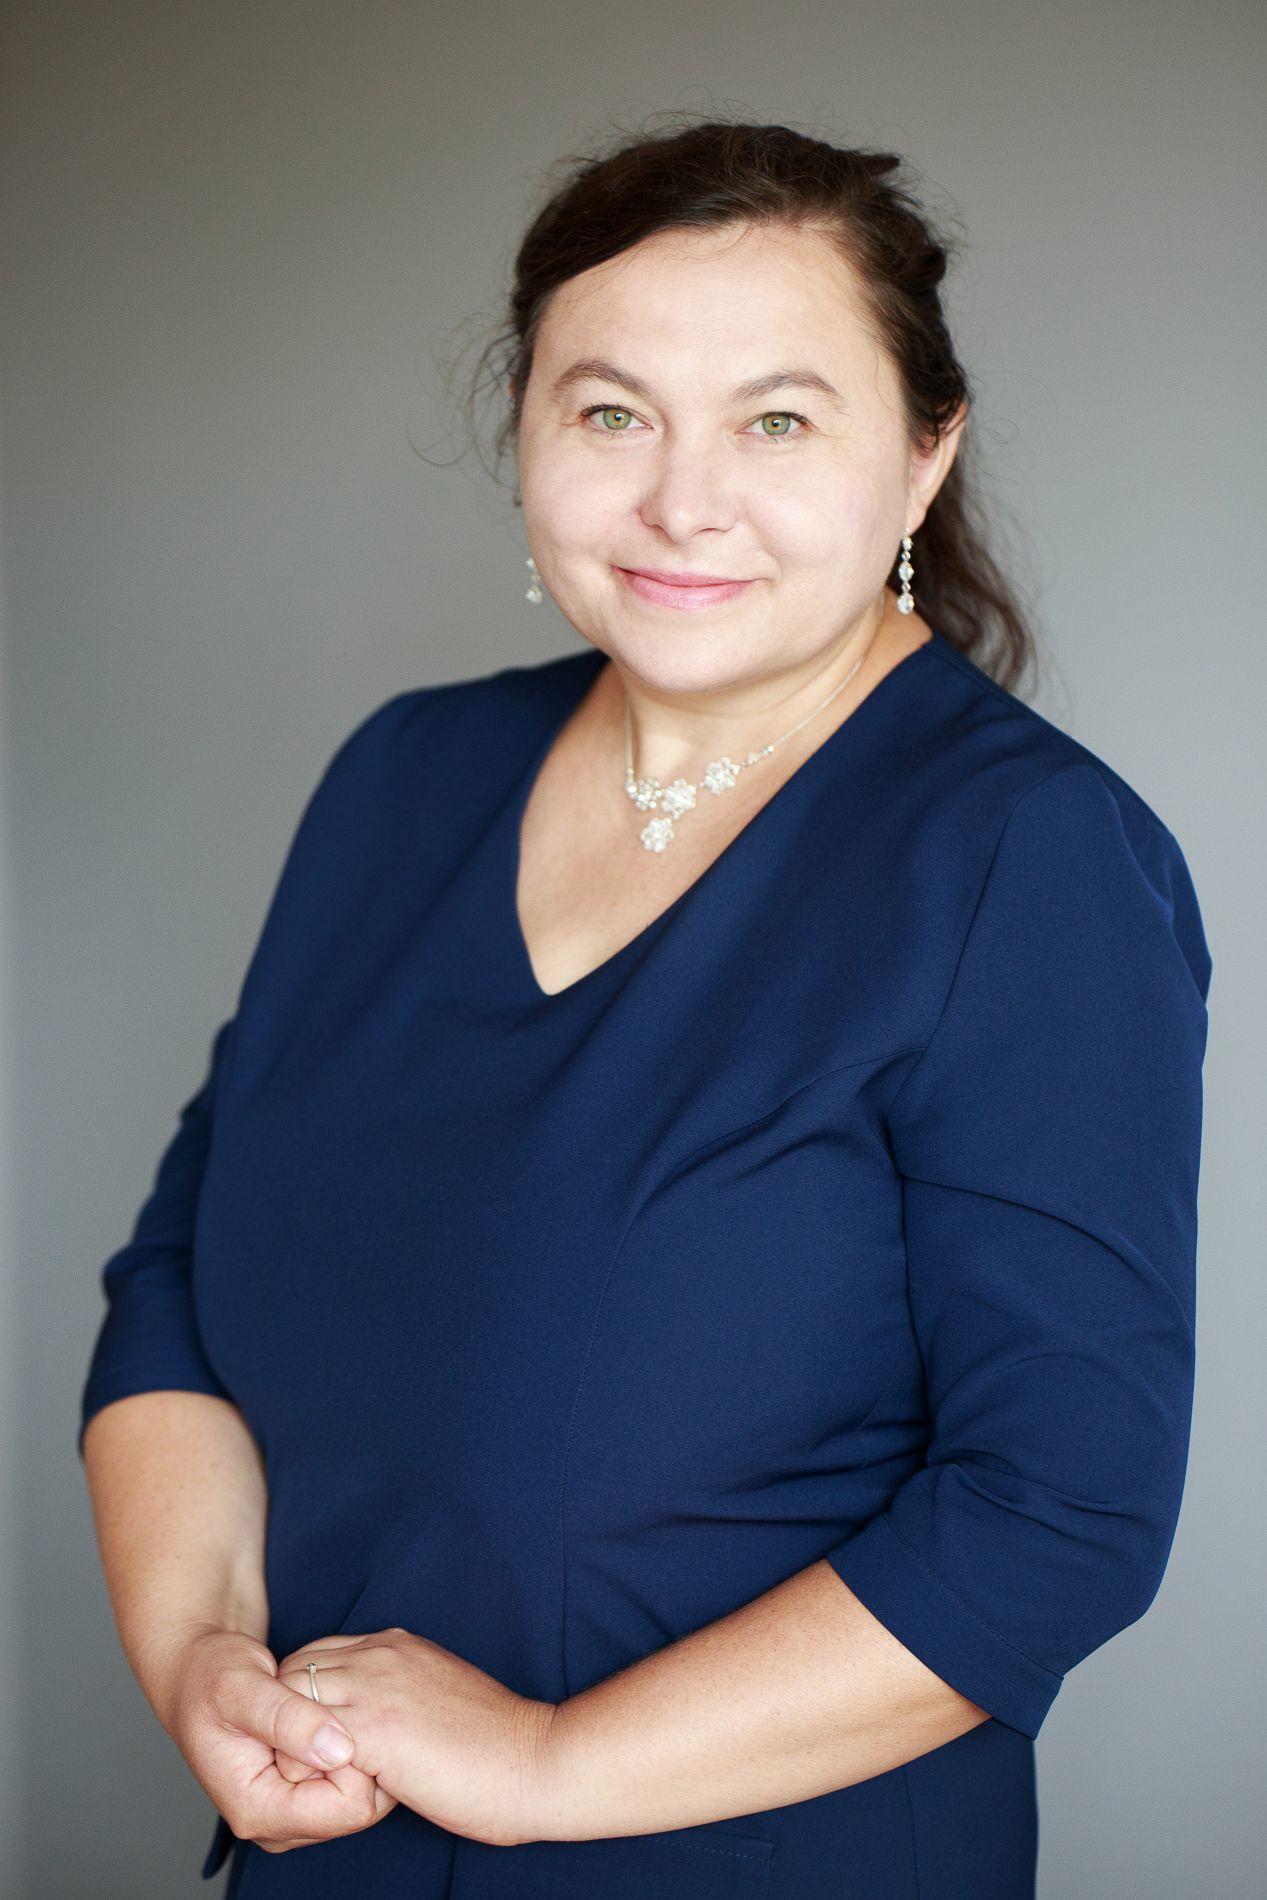 Monika Strzelecka